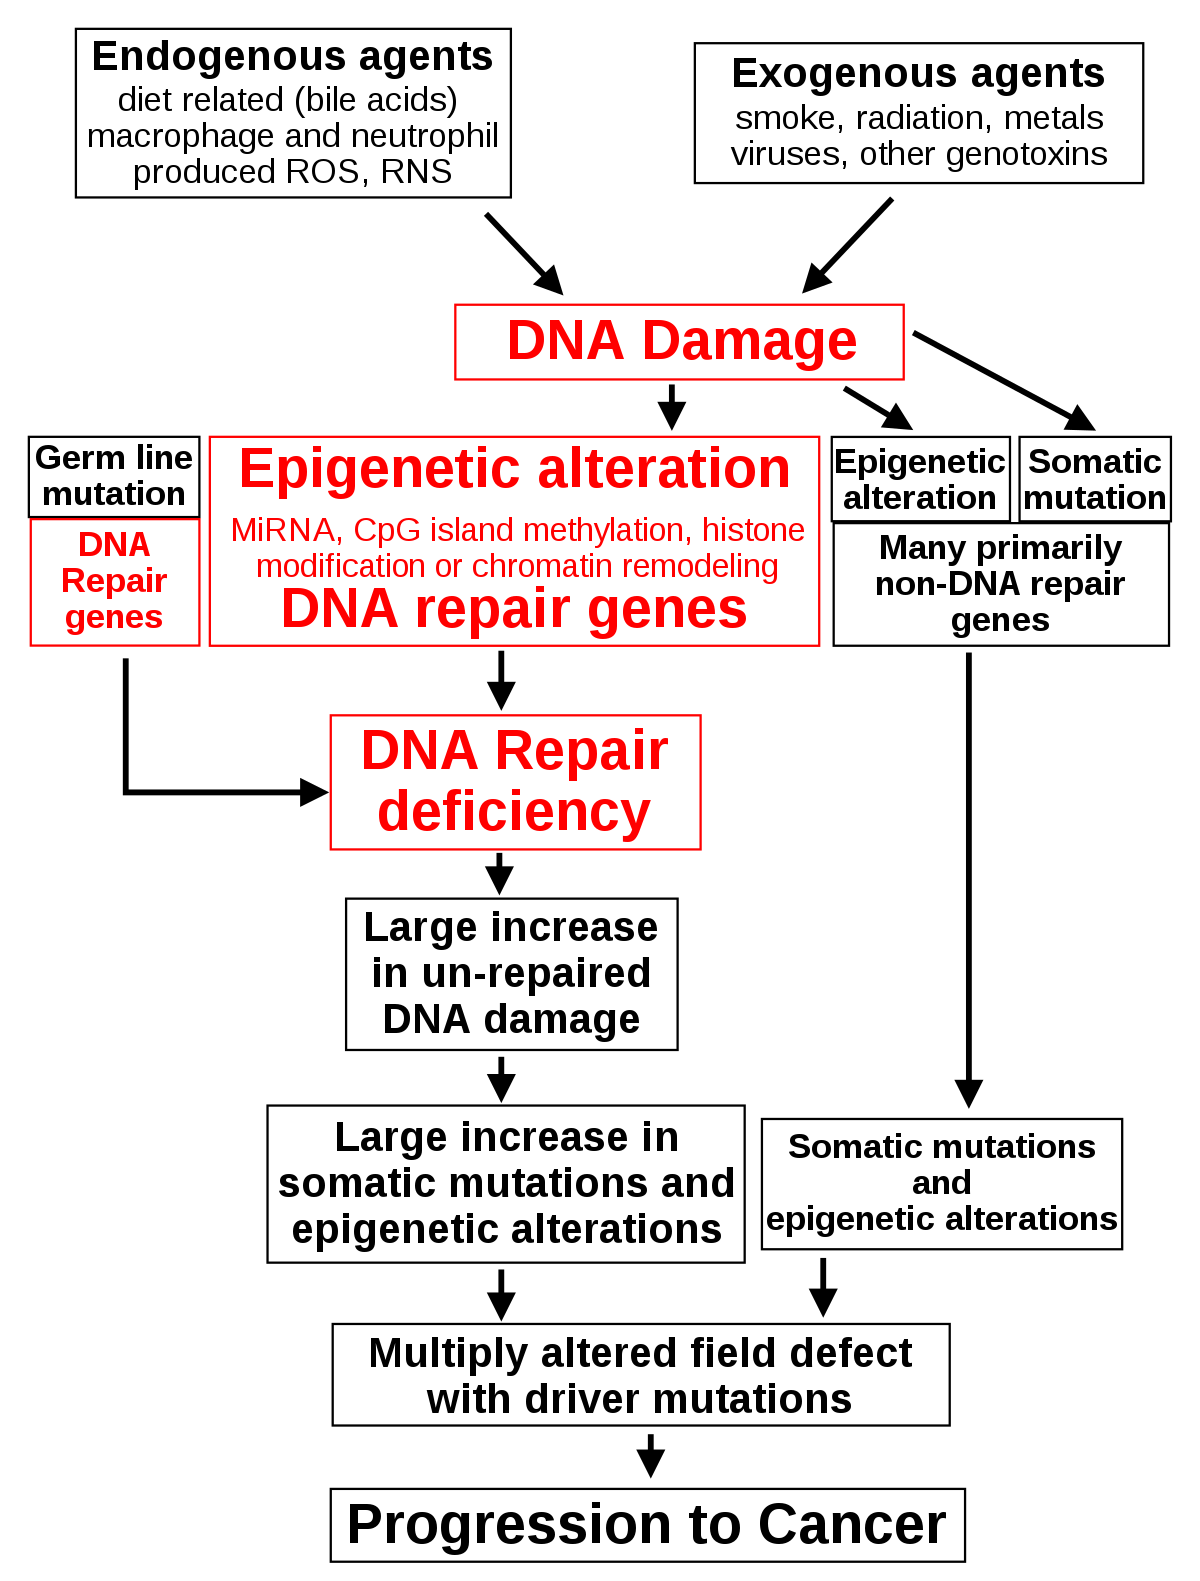 szarkóma rákos per papillomavírus hpv fertőzés